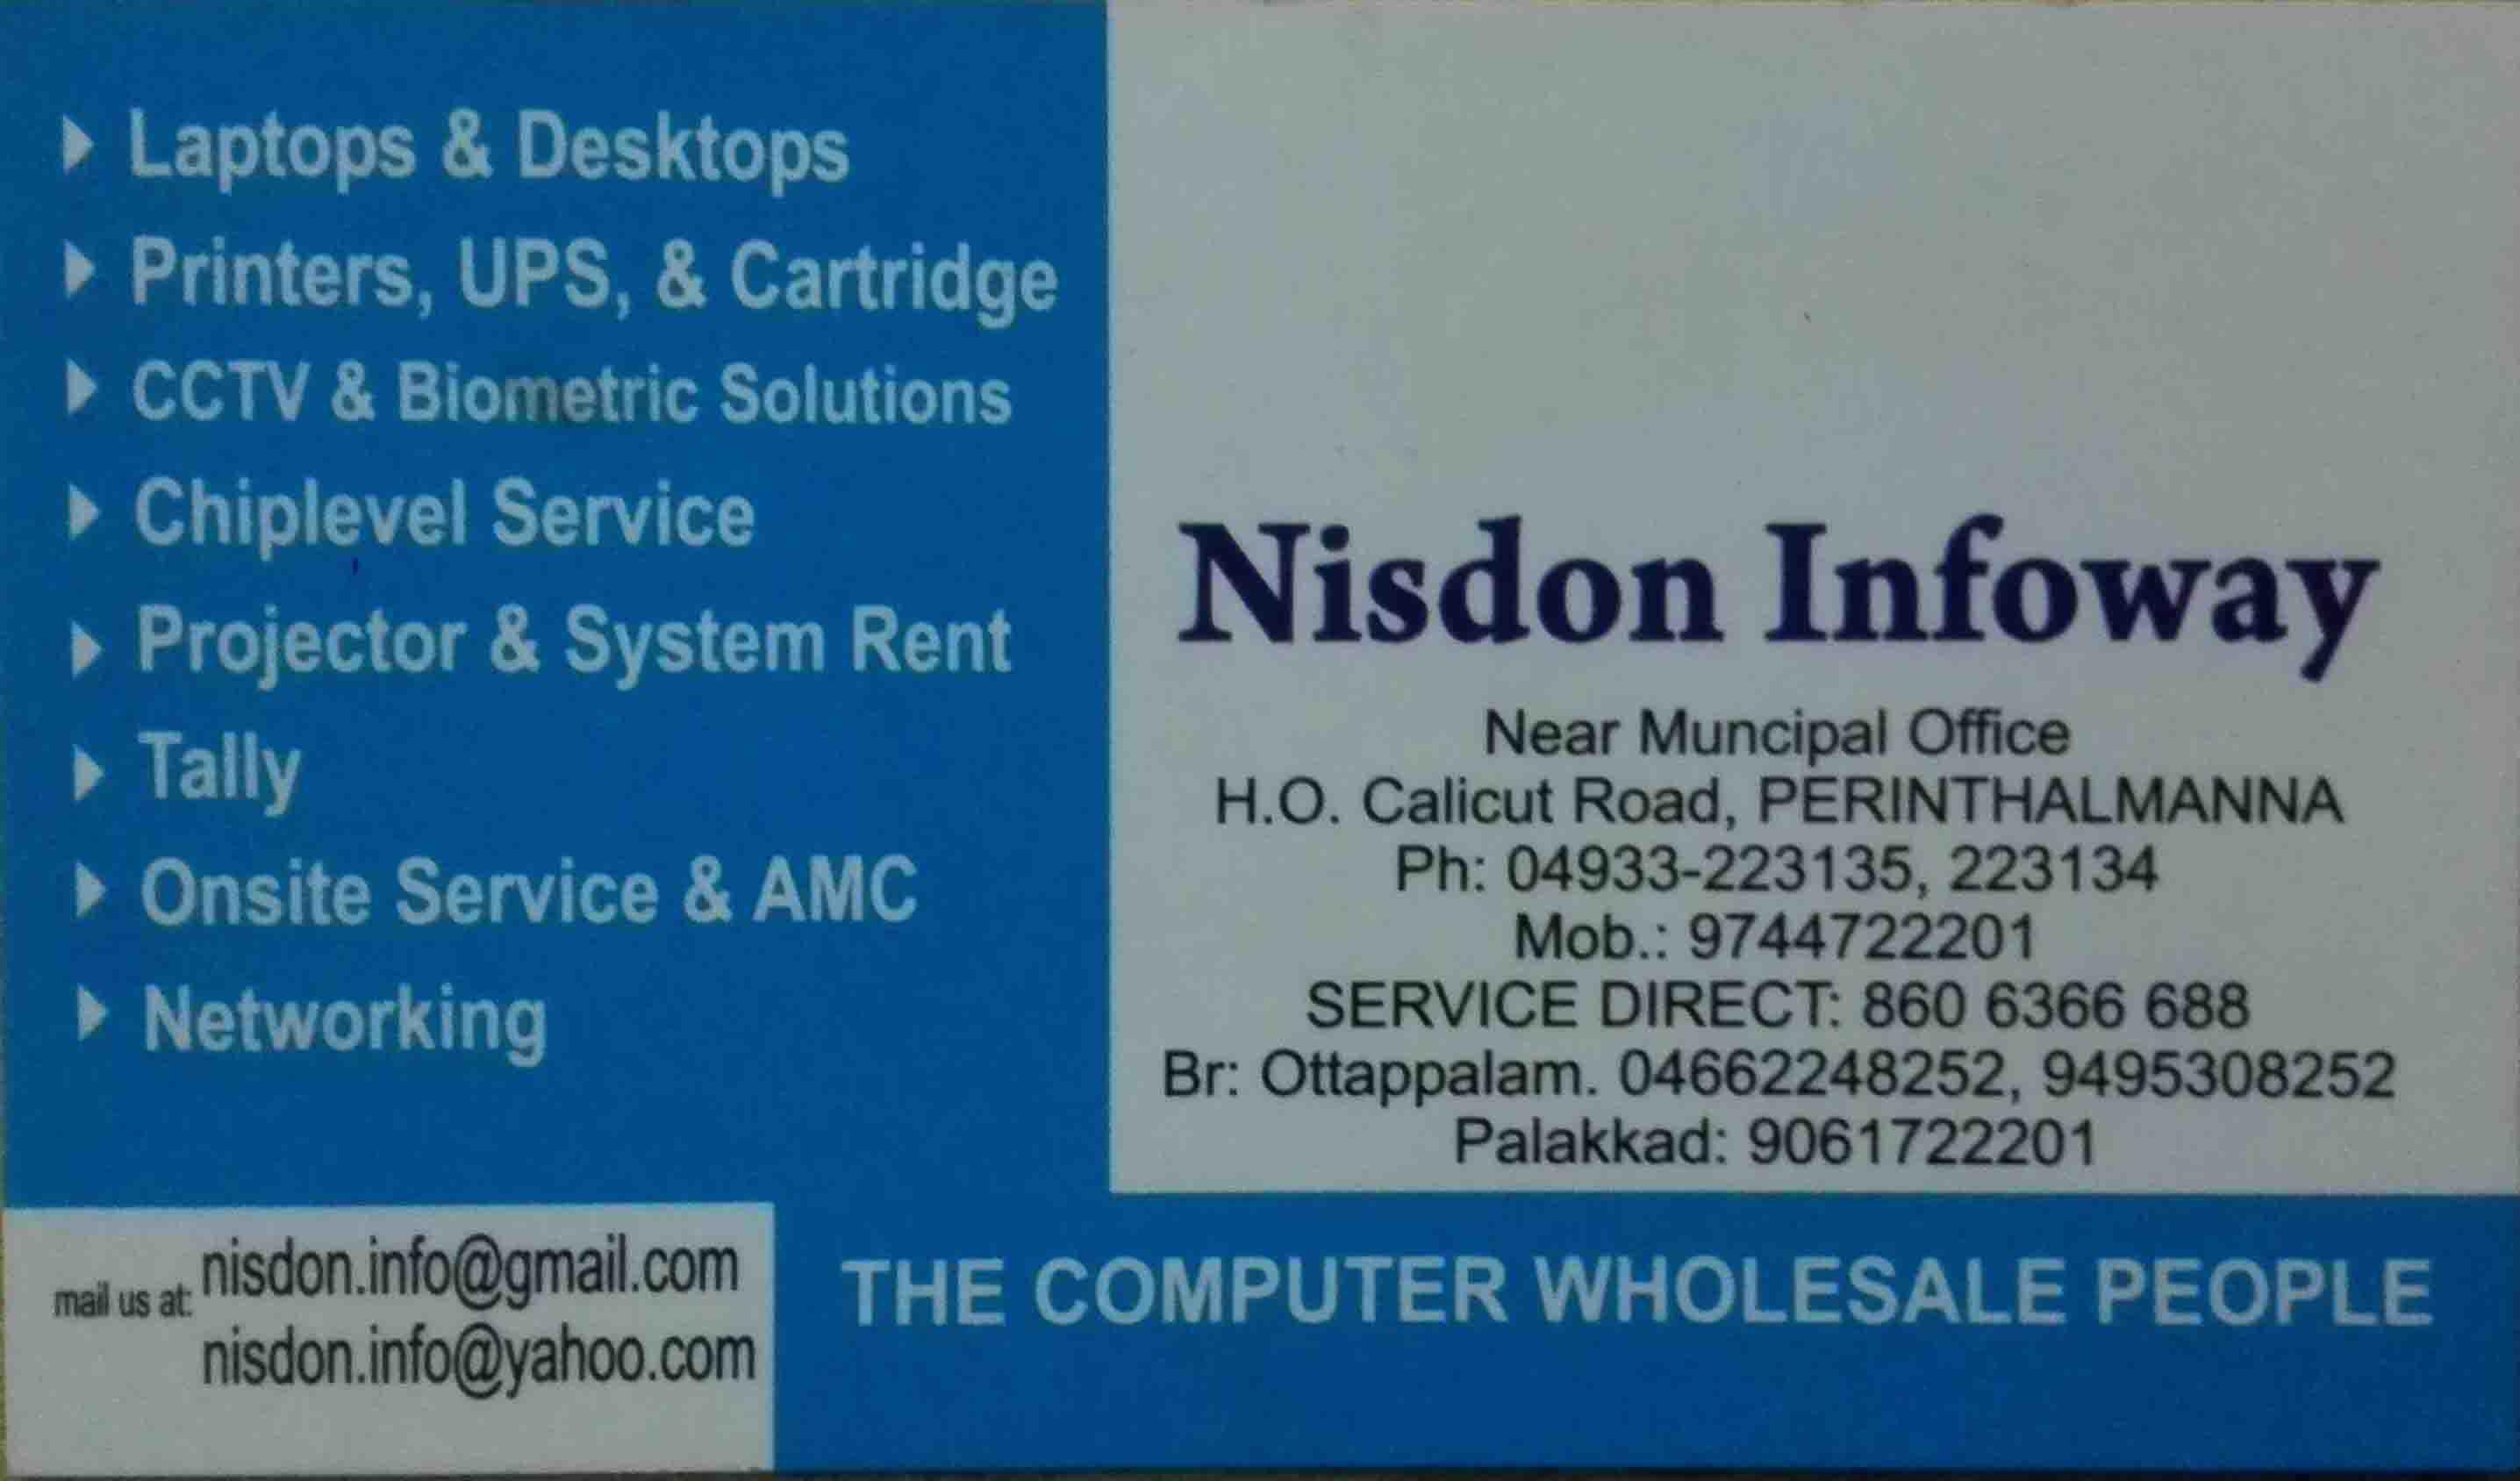 Nisdon Infoway